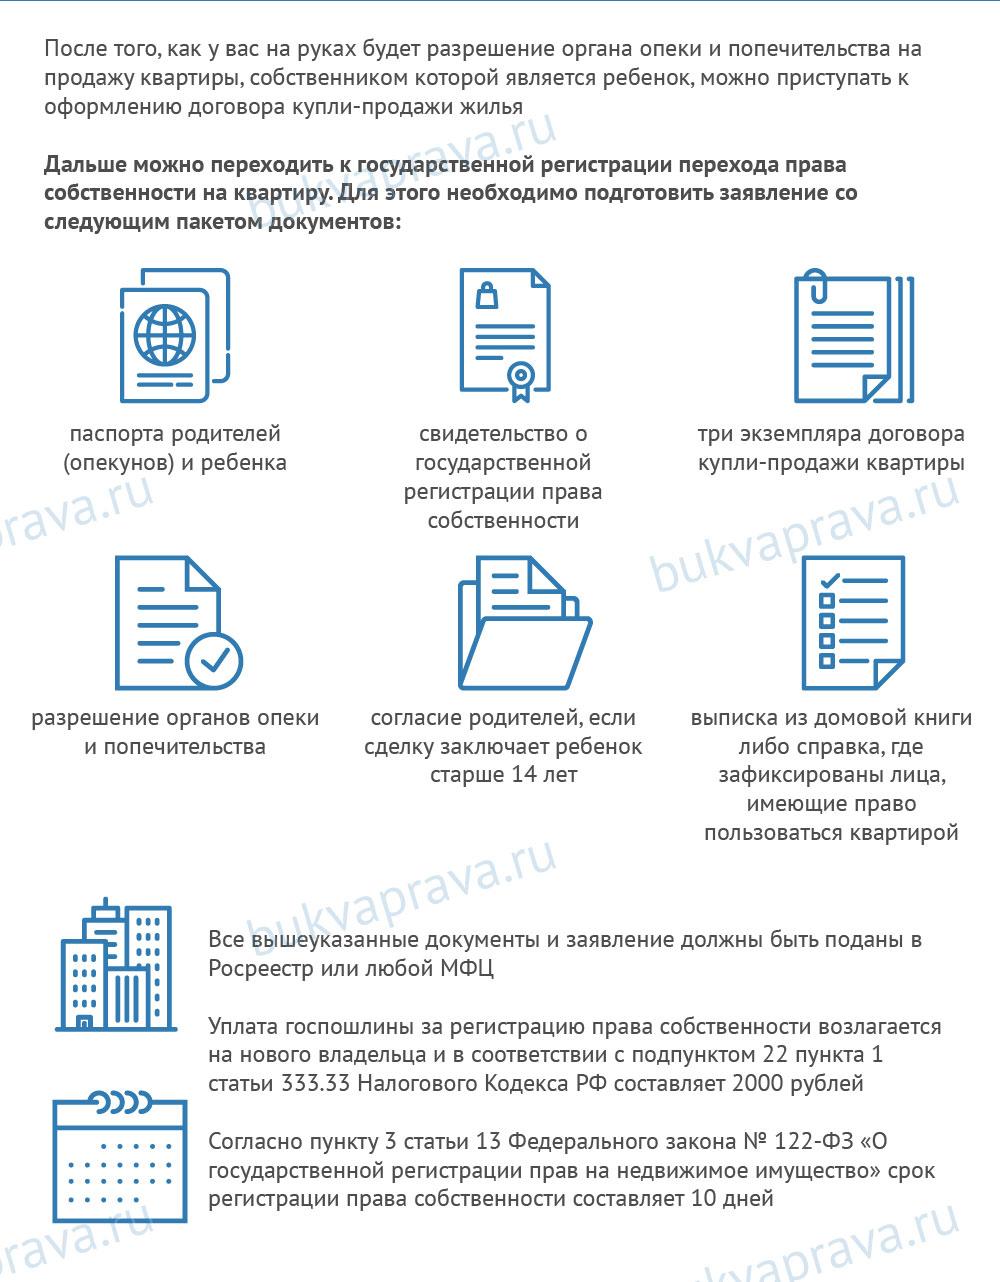 oformlenie-i-gosudarstvennaya-registraciya-perekhoda-prava-sobstvennosti-na-kvartiru-rebenka